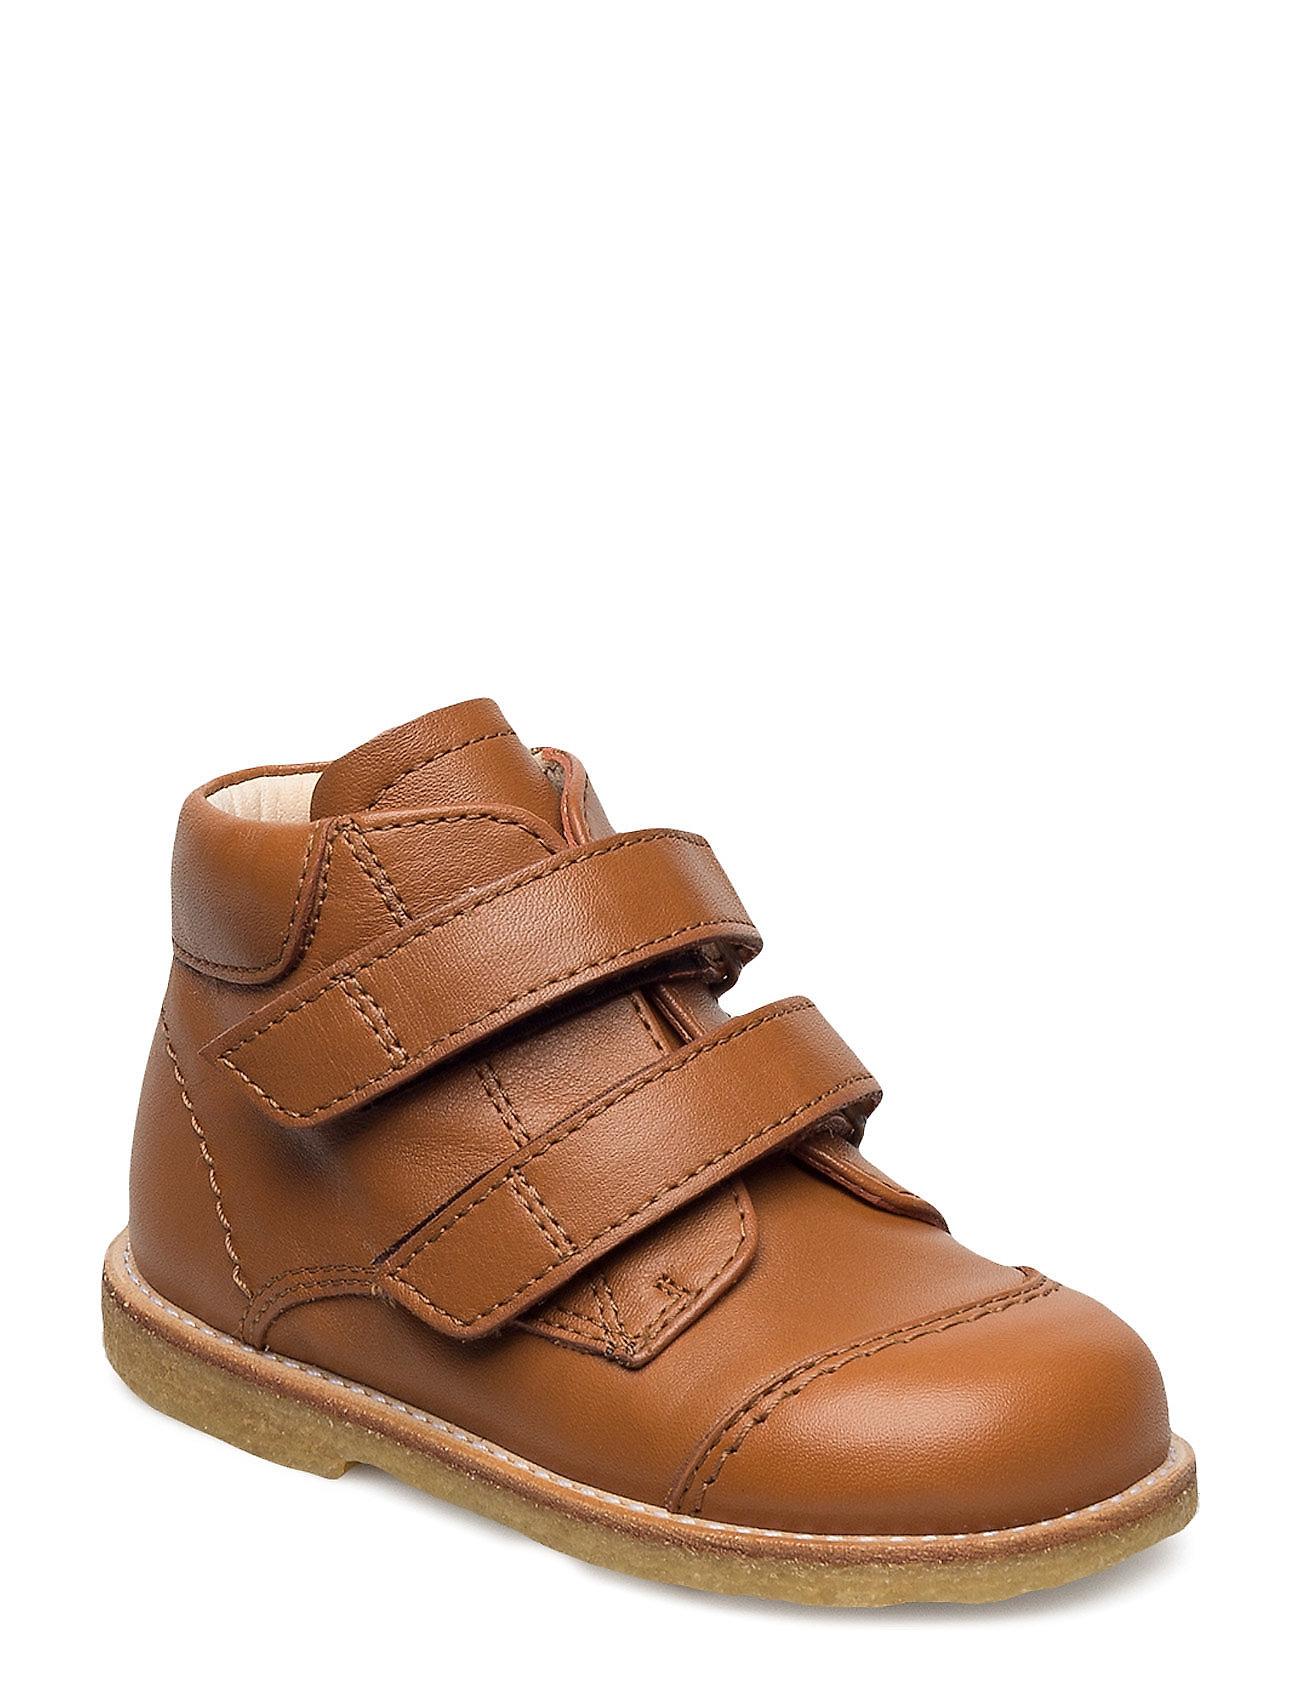 6105abca4ee Bestil Shoes – Flat – With Velcro ANGULUS Sko i cognac til Børn i en ...